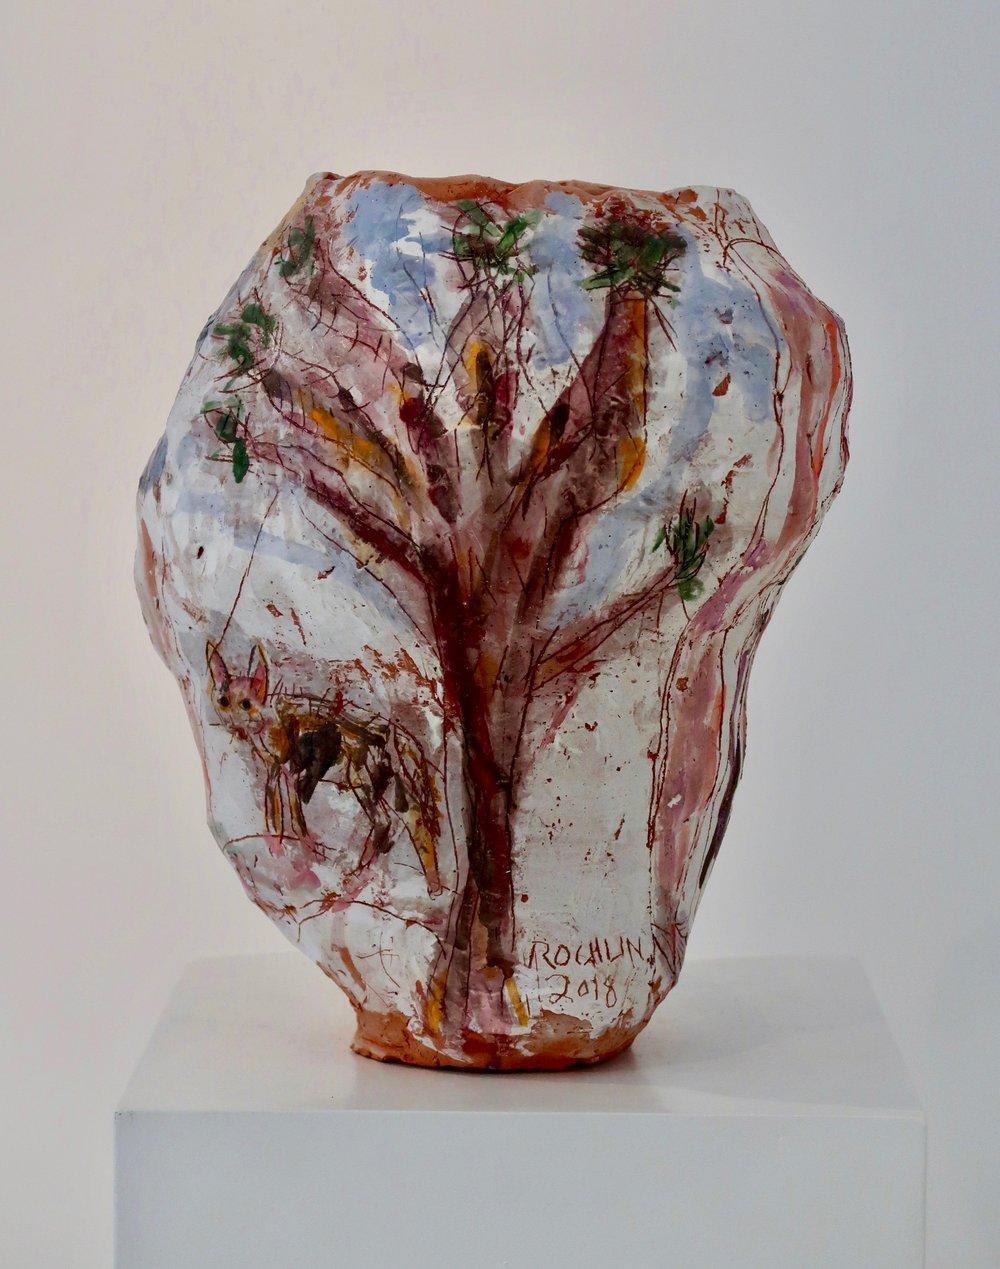 JR#02, Joshua Tree, 2018, Glazed Stoneware, 14.5 x 9.5 x 10 in (1).jpg